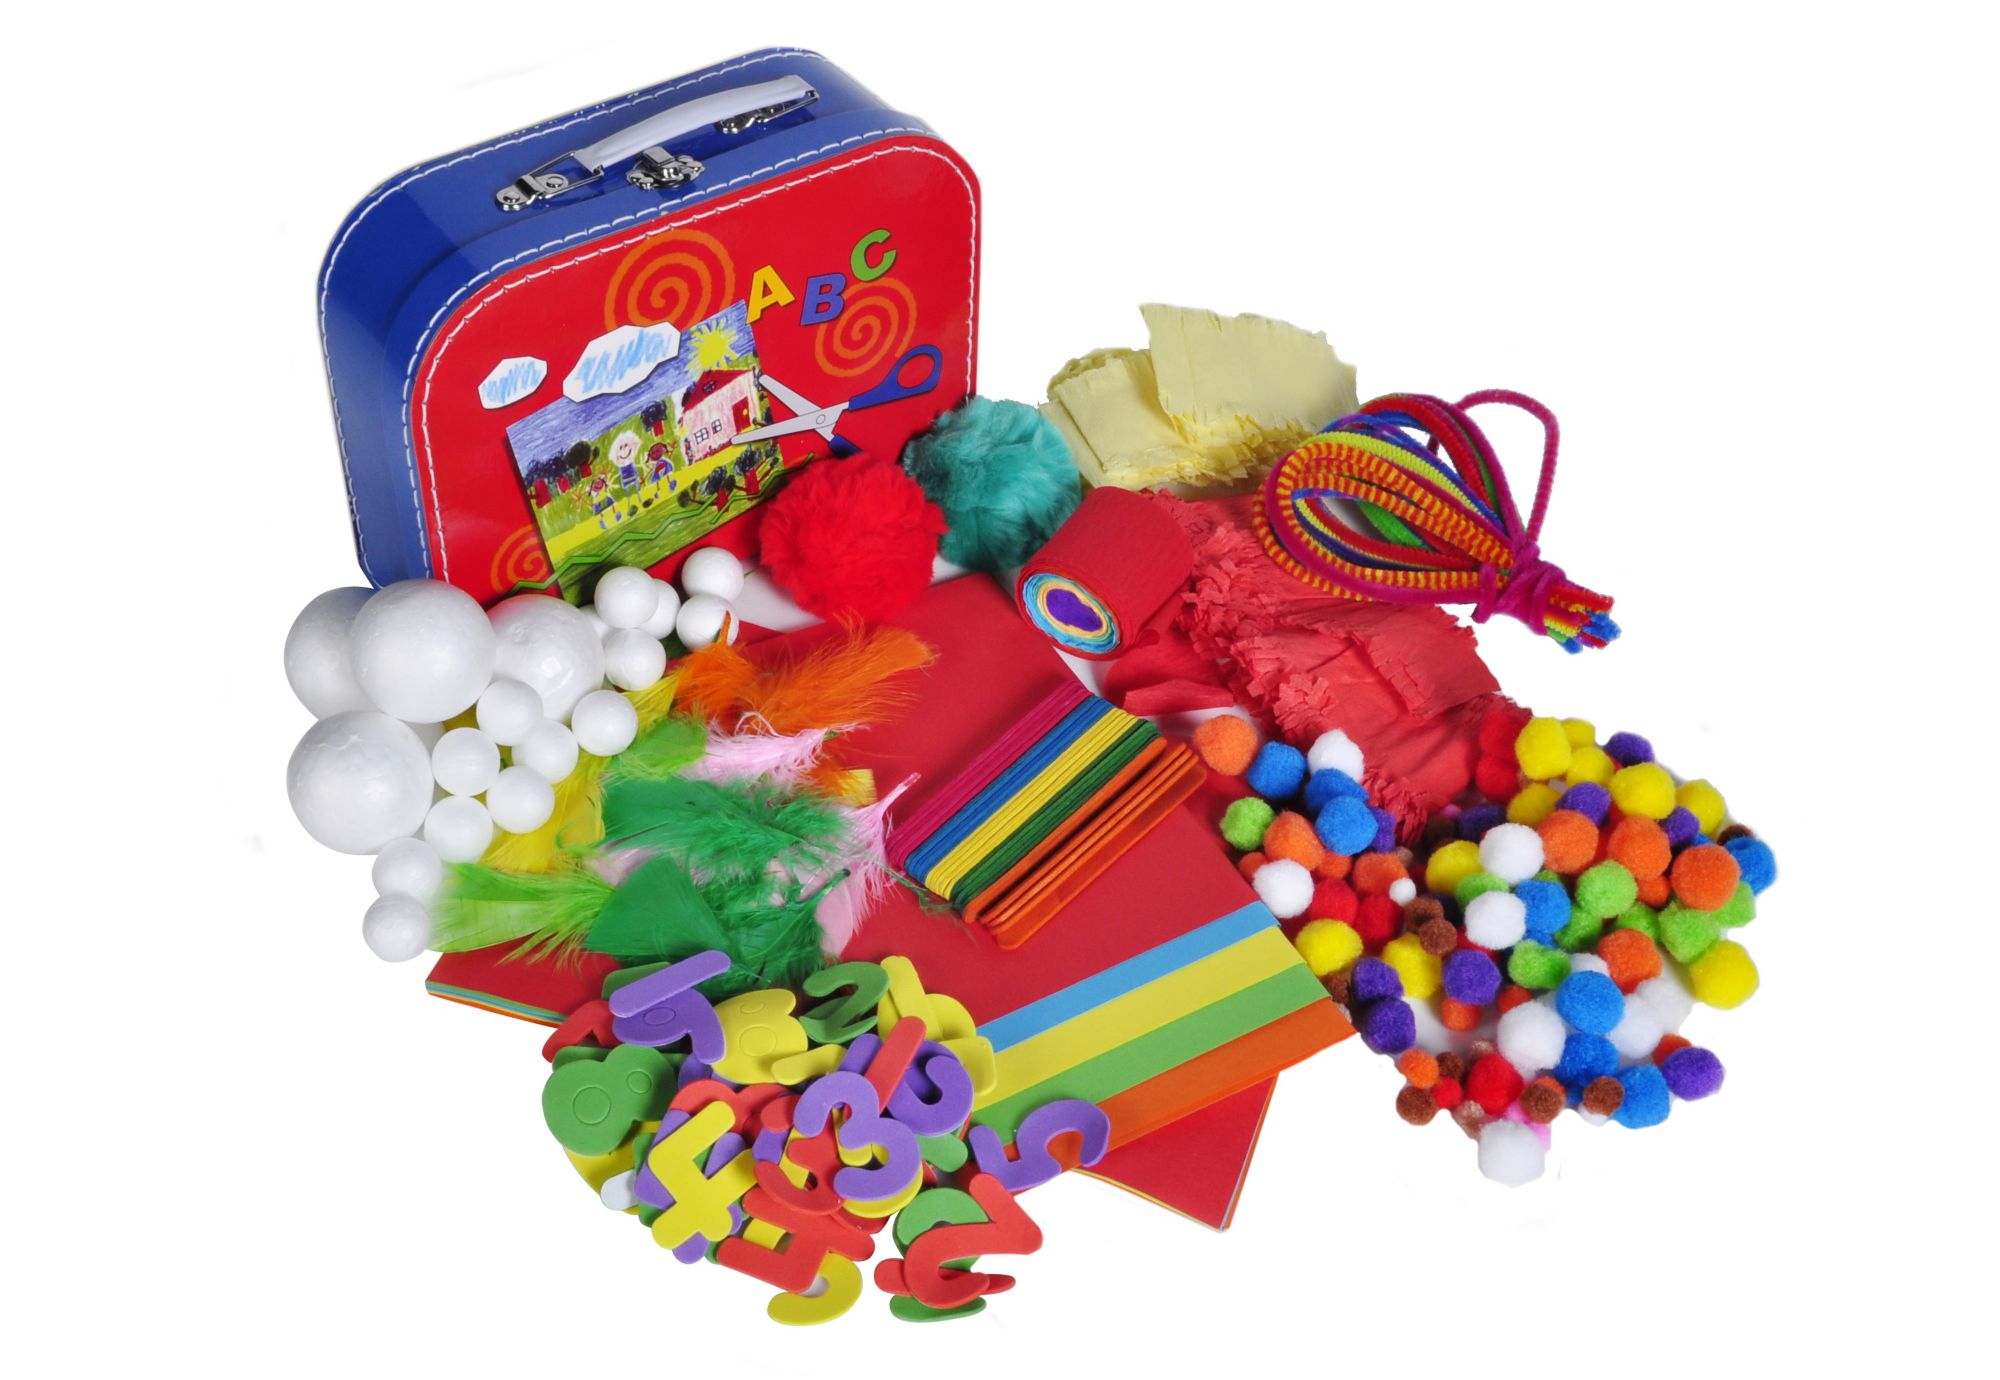 KNORR TOYS Bastelkoffer, »Koffer Set - Arts & Crafts«, knorr toys